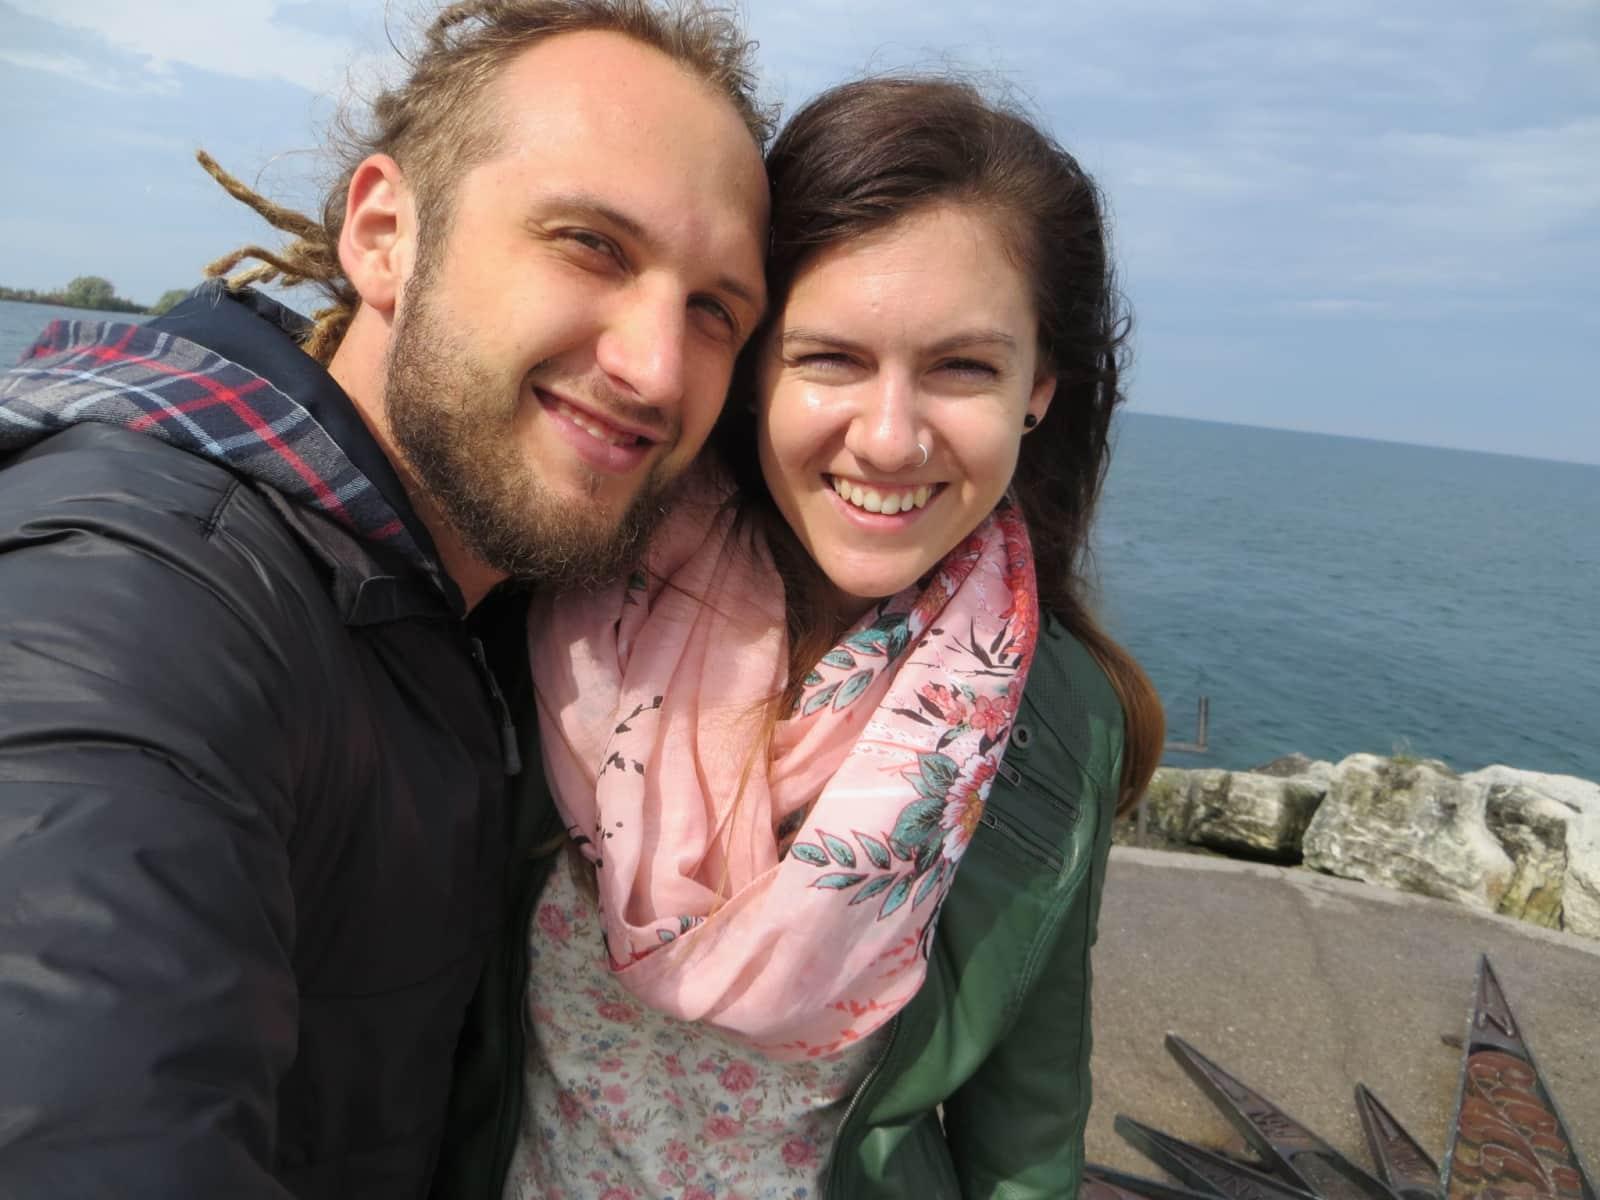 Sebastian & Marlene from Innsbruck, Austria